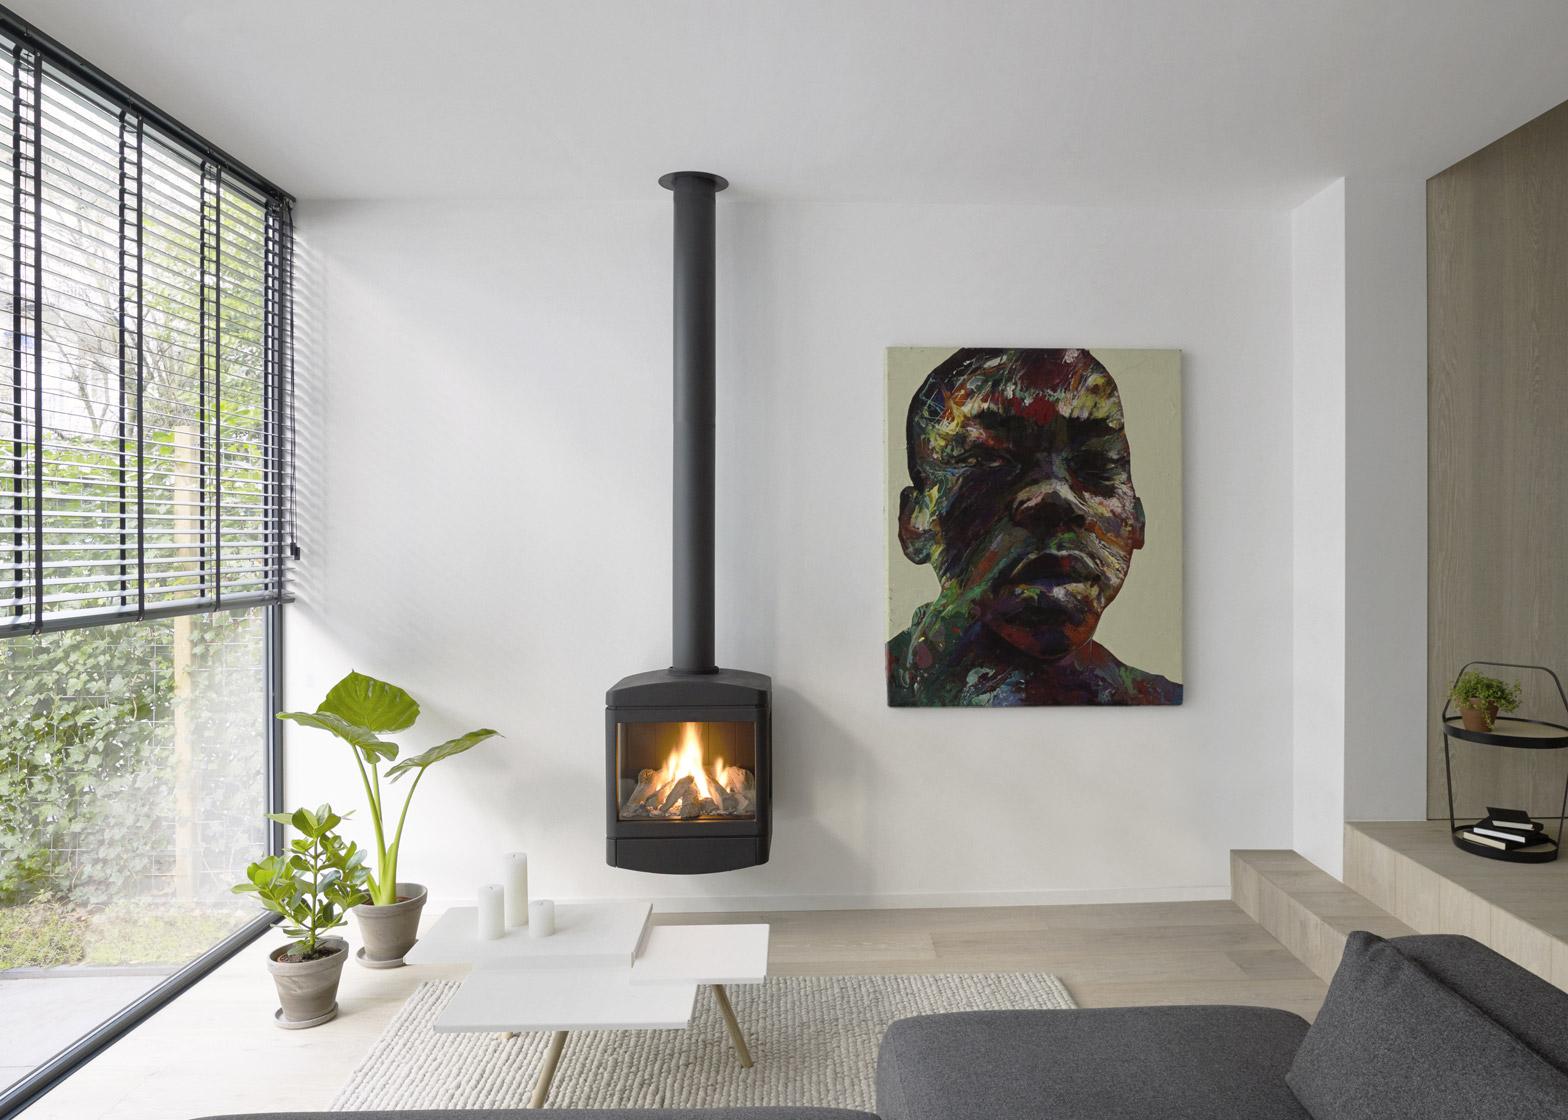 Interior Design Studio Amsterdam frederik roijé designs minimal interior for amsterdam apartment